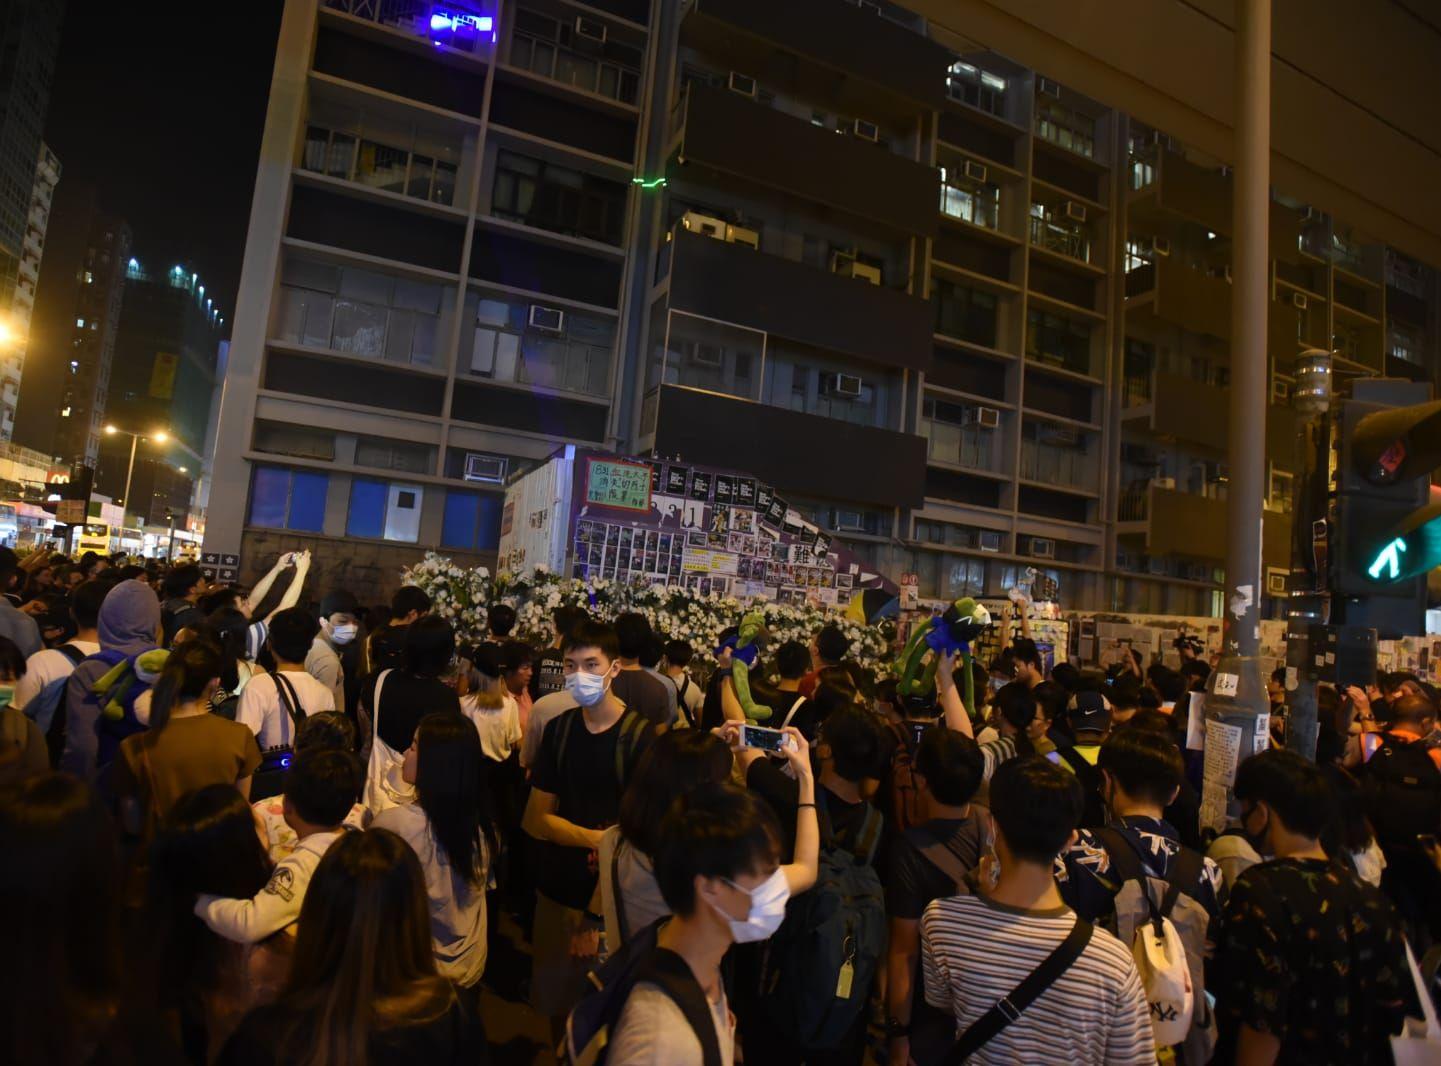 【修例风波】群众太子站外聚集 镭射灯照旺角警署